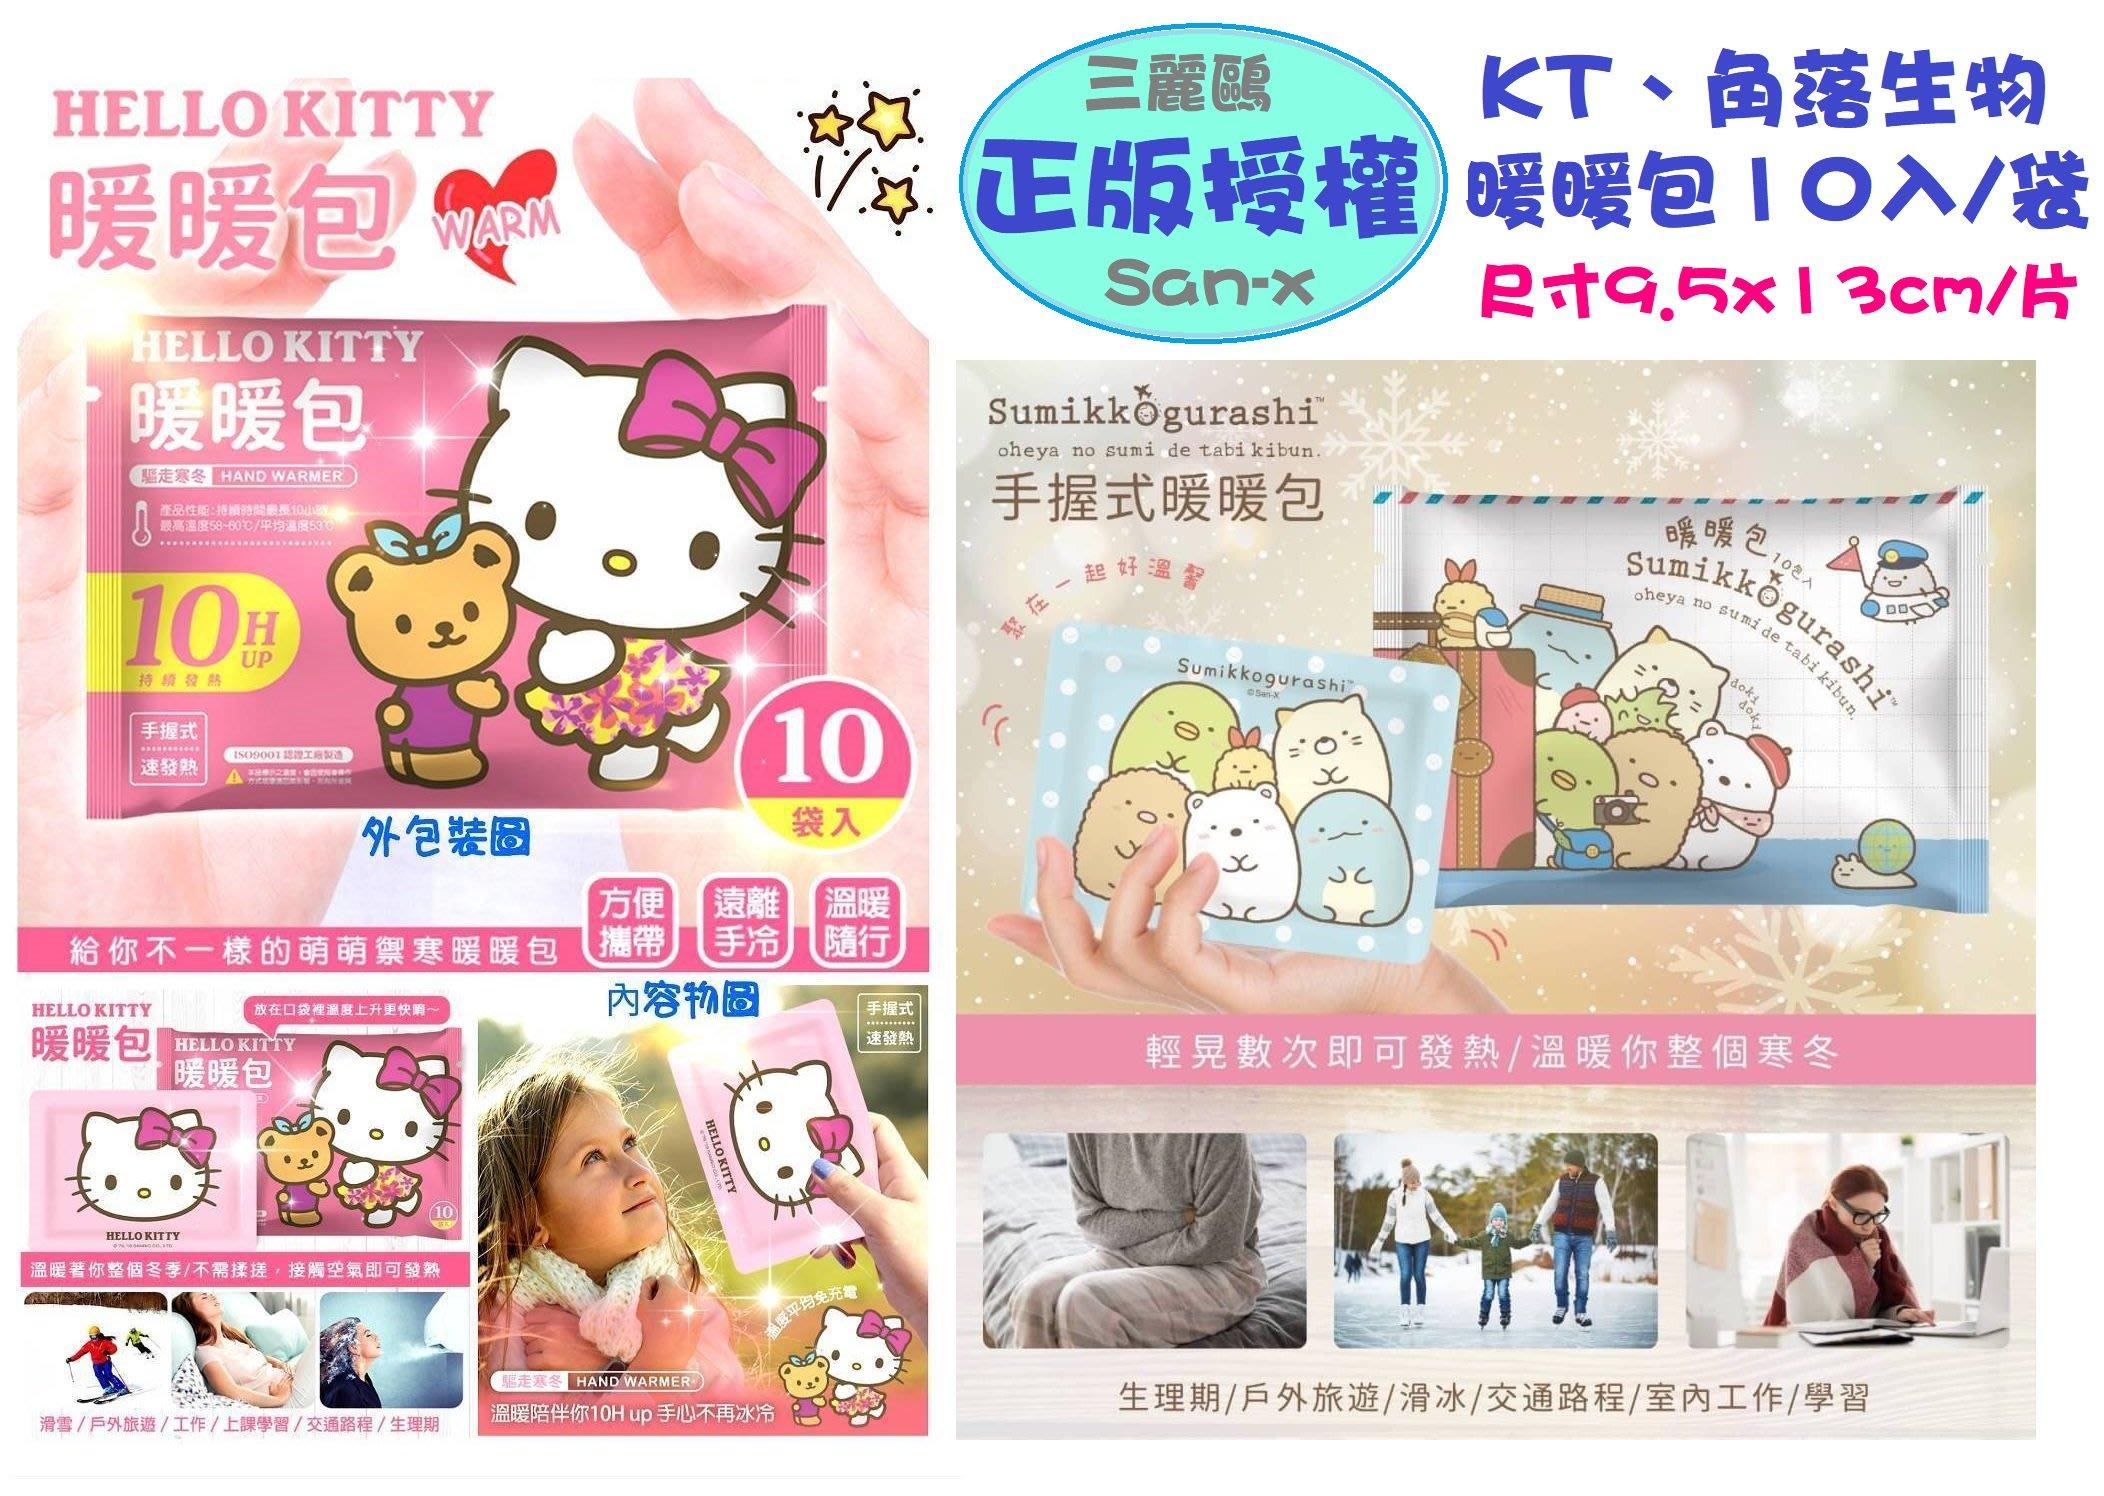 三麗鷗Hello Kitty暖暖包10包入/角落小夥伴 角落生物暖暖包10包入